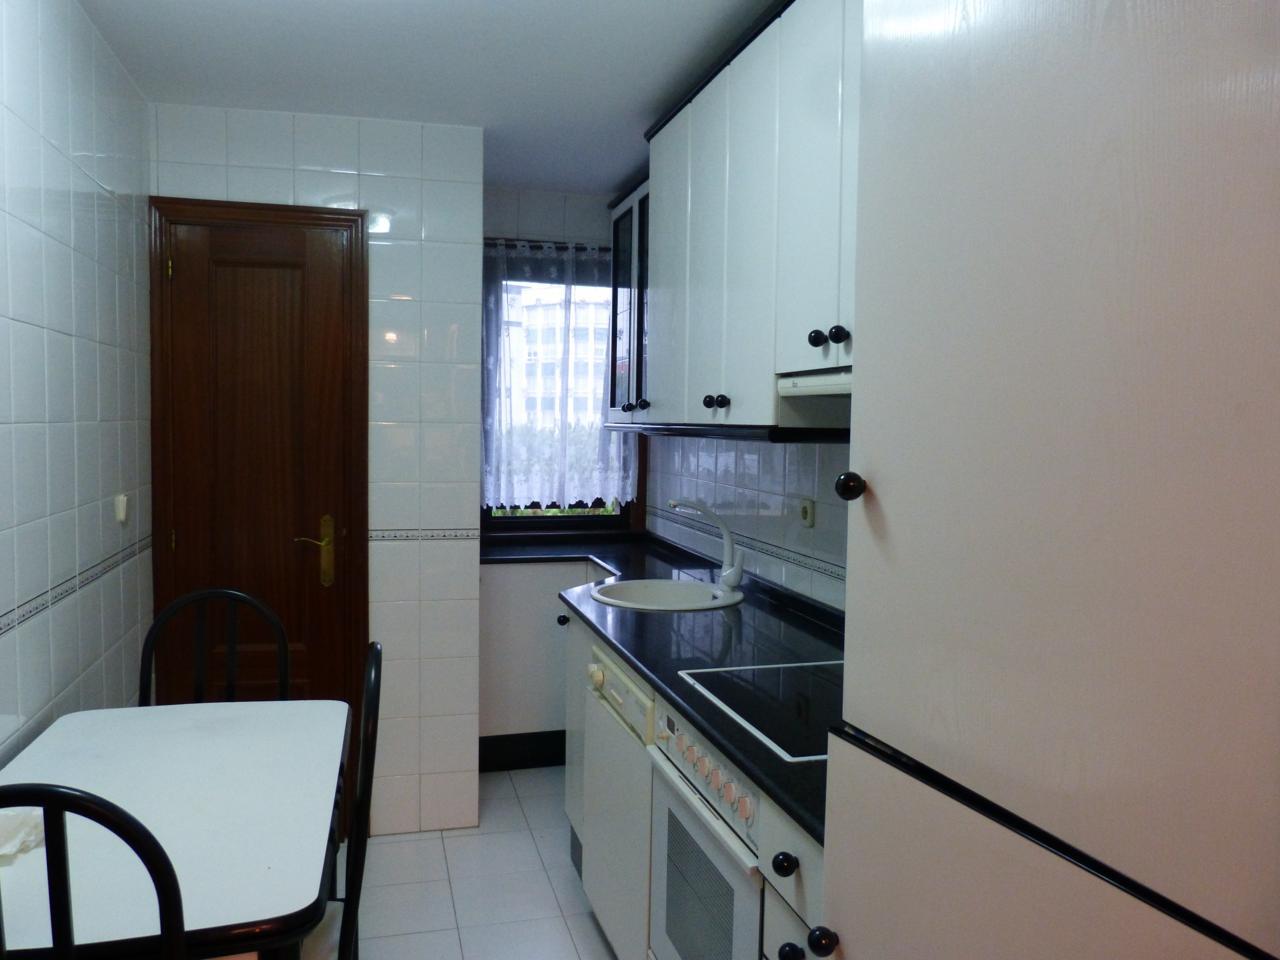 Piso en alquiler en La Coruña de 74 m2